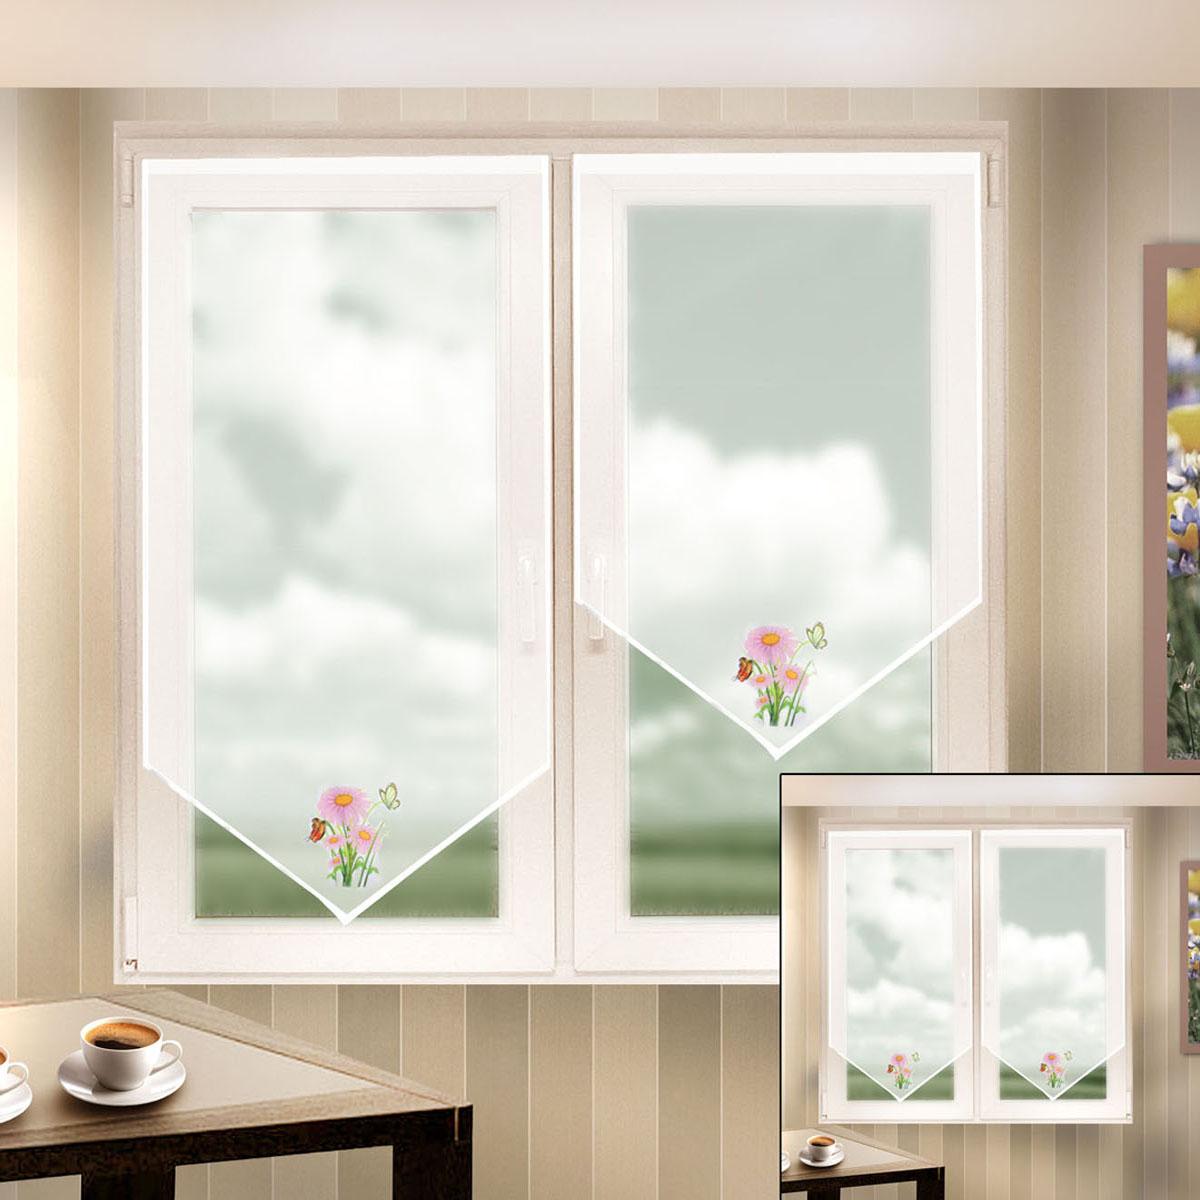 Гардина Zlata Korunka, на липкой ленте, цвет: белый, высота 120 см. 666049-1666049-1Гардина на липкой ленте Zlata Korunka, изготовленная из легкого полиэстера, станет великолепным украшением любого окна. Полотно из белой вуали с печатным рисунком привлечет к себе внимание и органично впишется в интерьер комнаты. Крепление на липкой ленте, не требующее сверления стен и карниза. Многоразовое и мгновенное крепление.